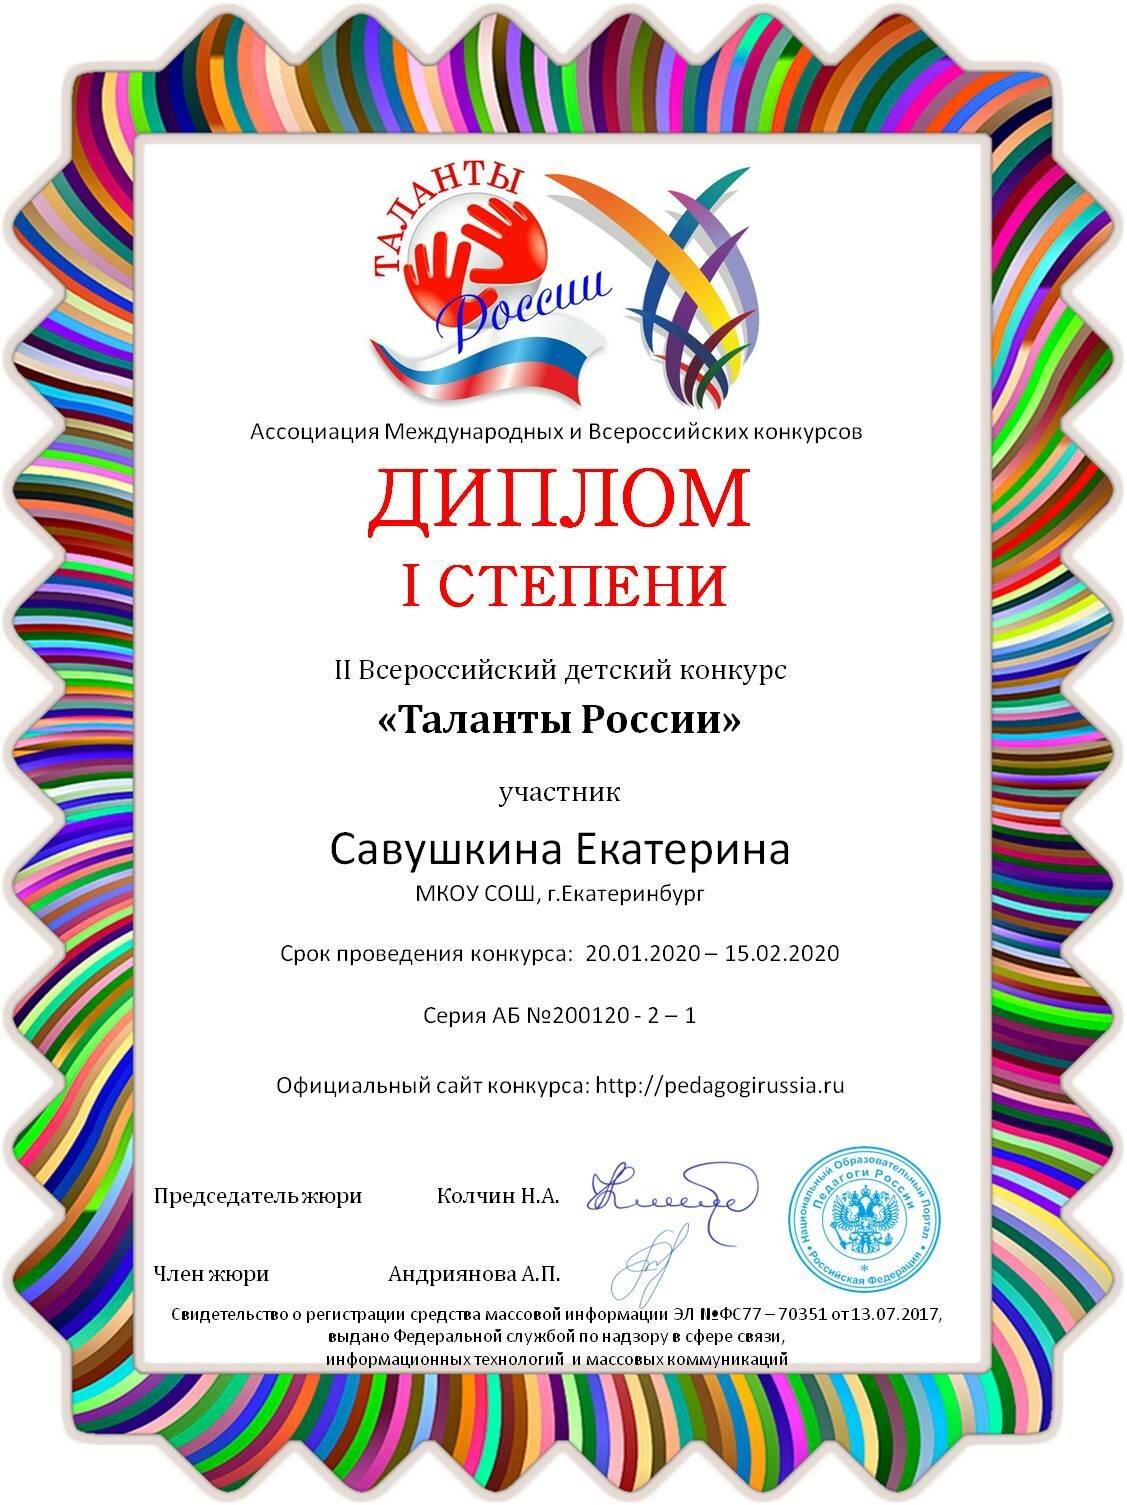 таланты россии официальный сайт международных и всесоюзных конкурсов коле